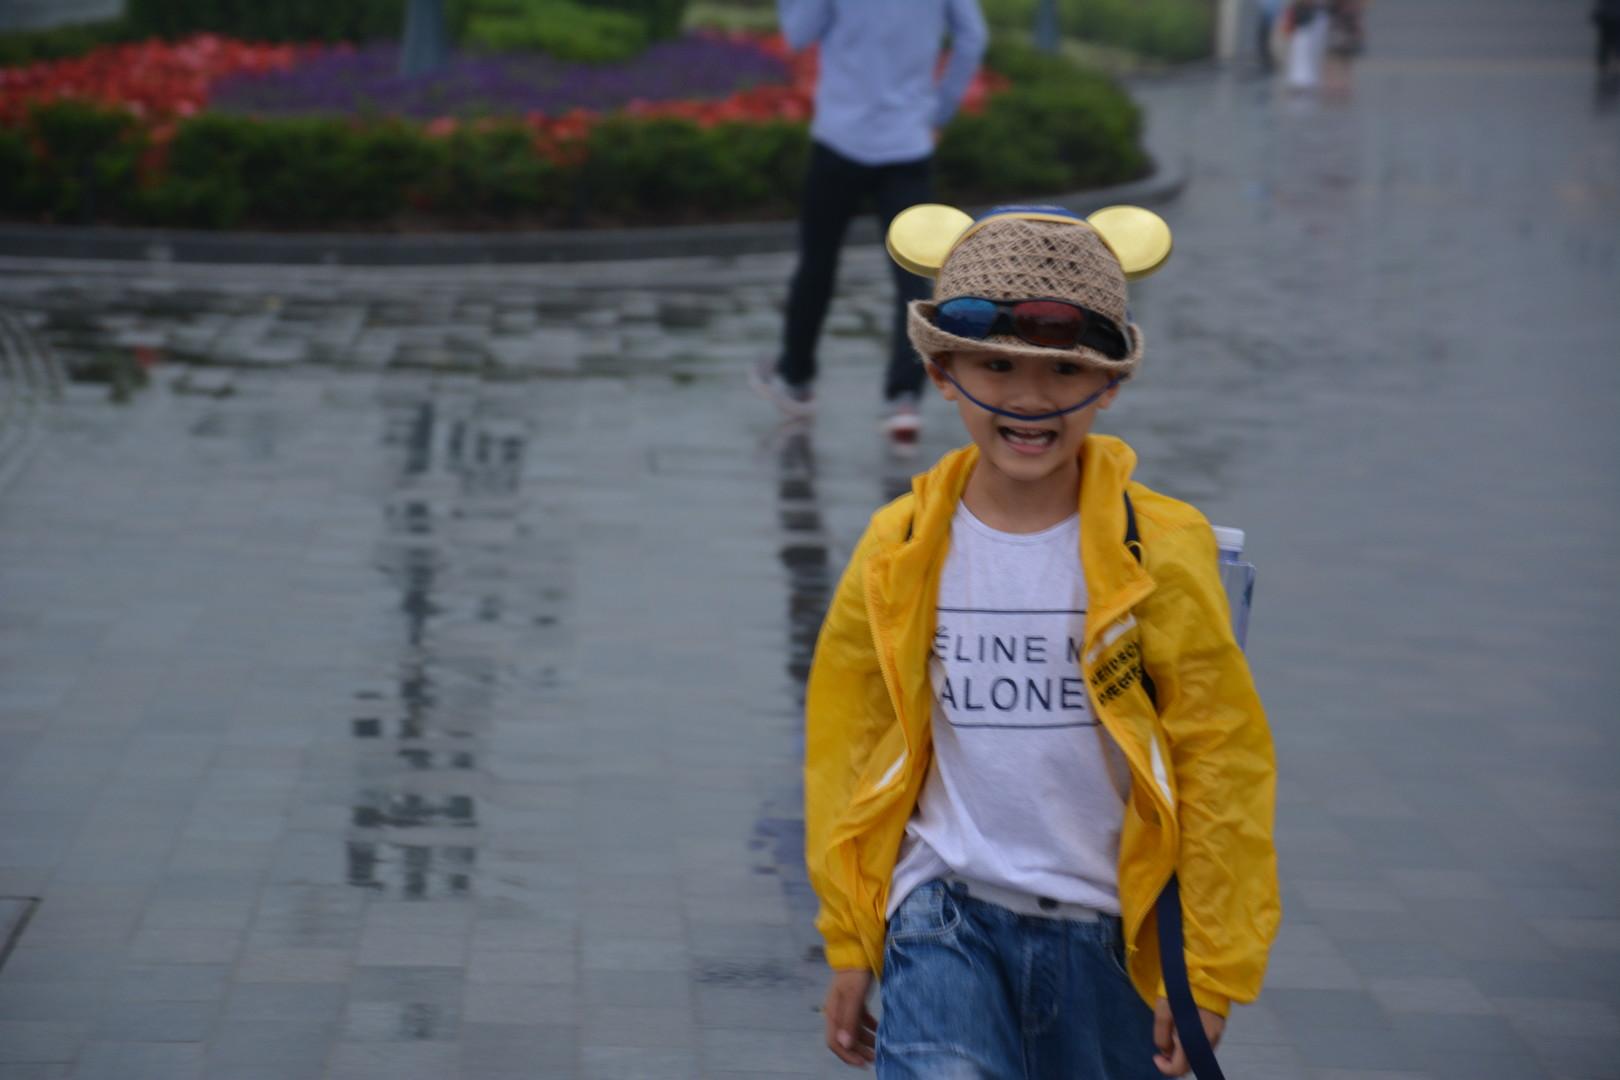 Disneyland-Eröffnung in Shanghai: Mickey Maus ist gnadenlos, spricht Chinesisch und isst Nudeln